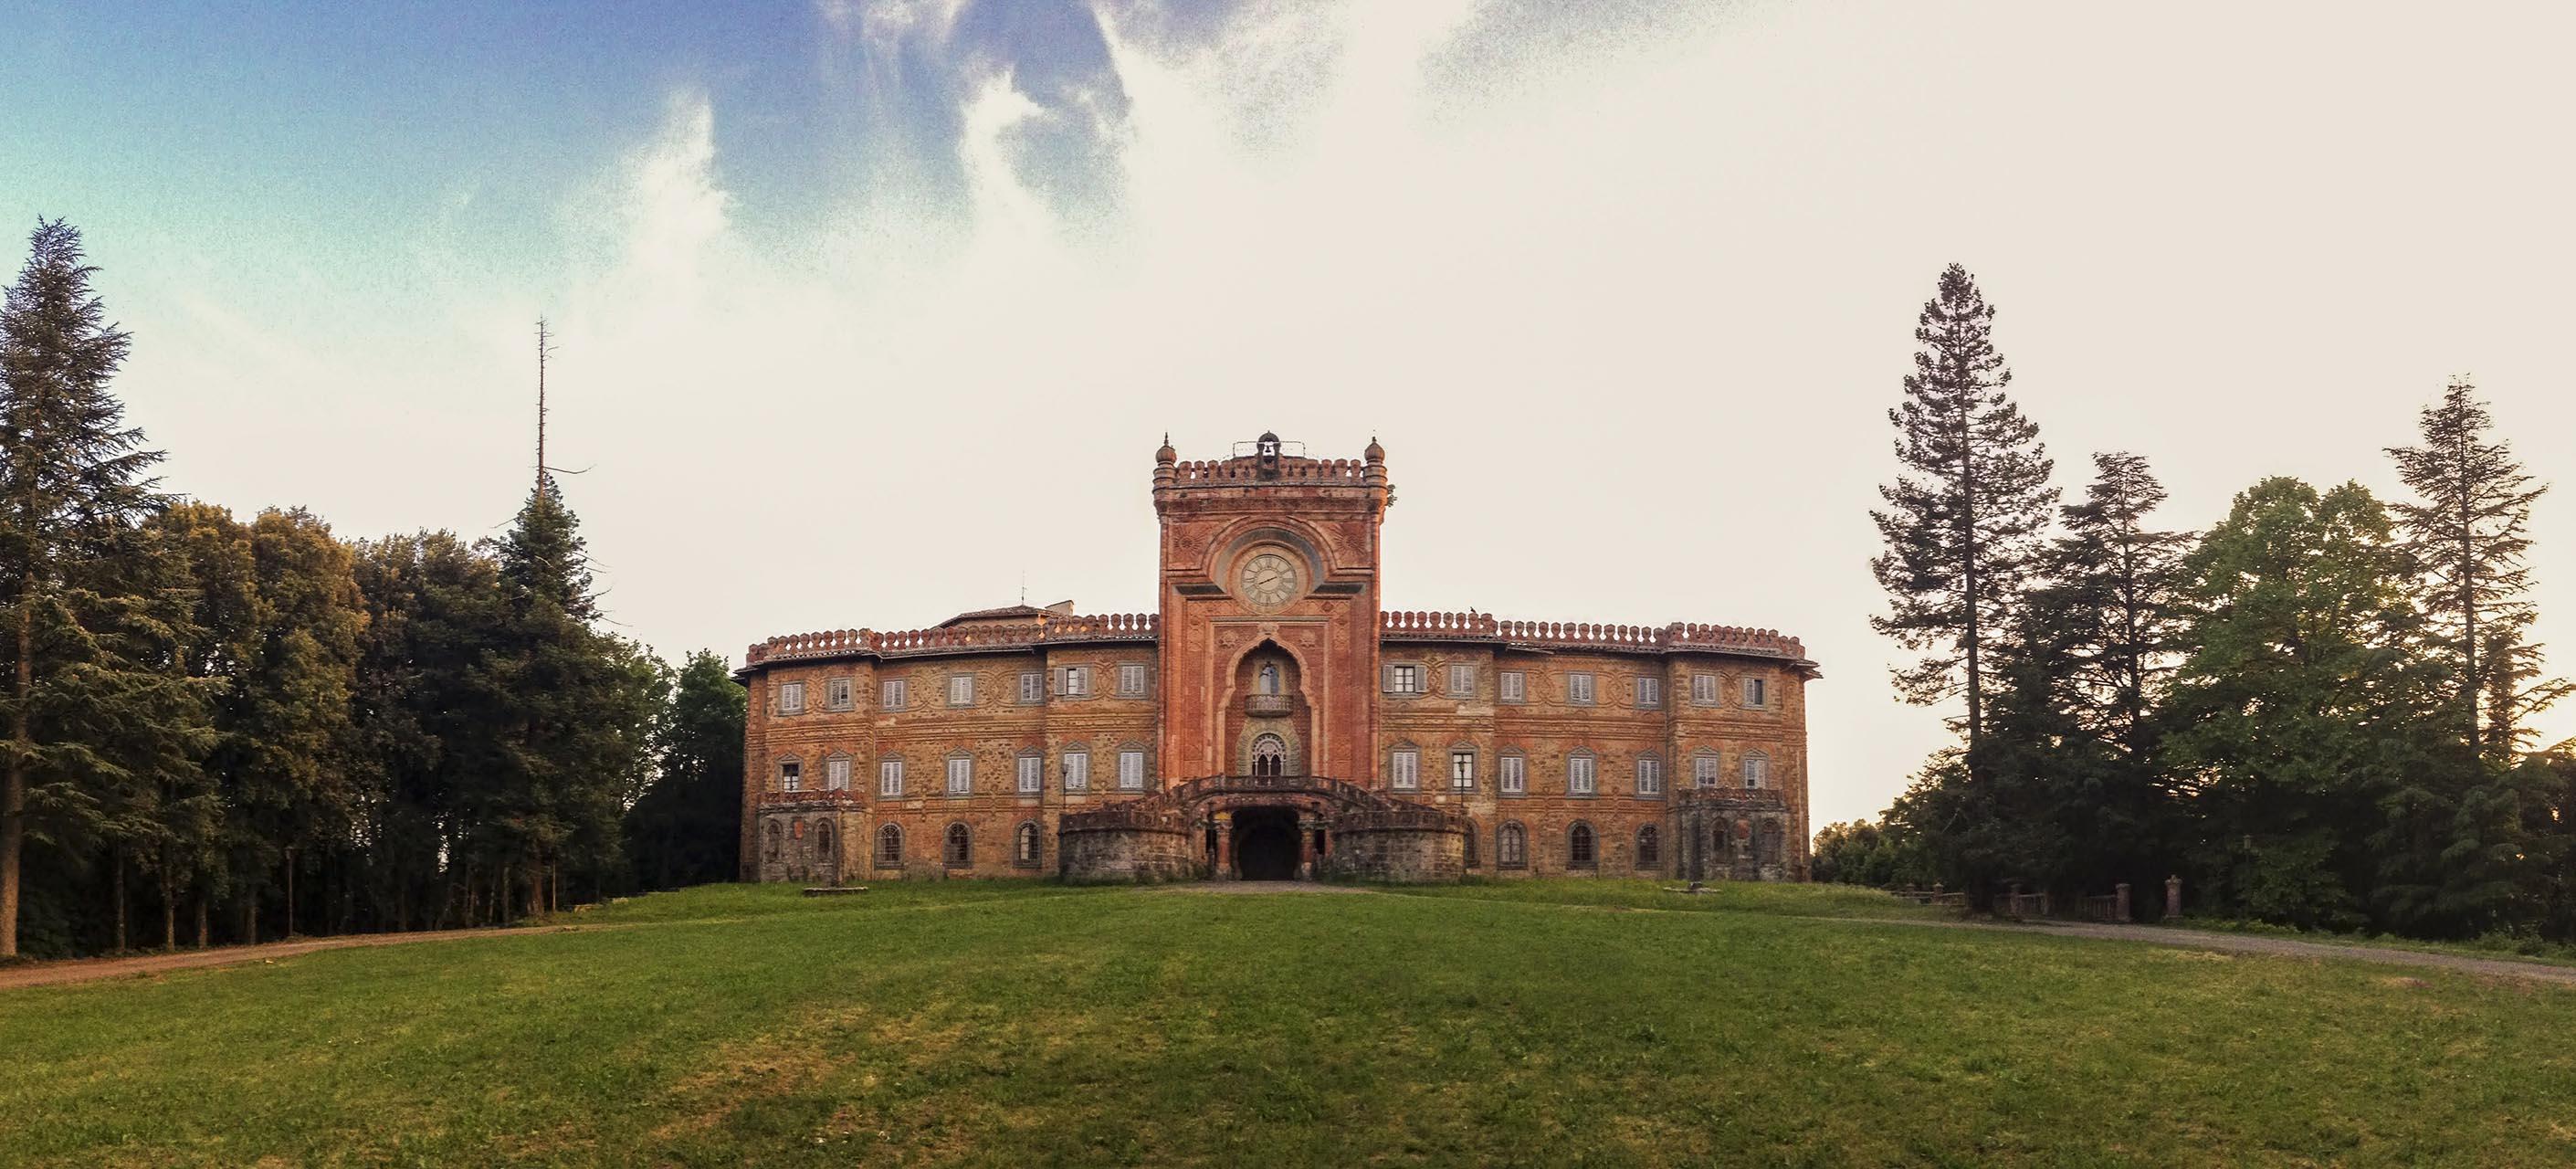 002_castello-di-samezzano-toscana-foto-living-corriere